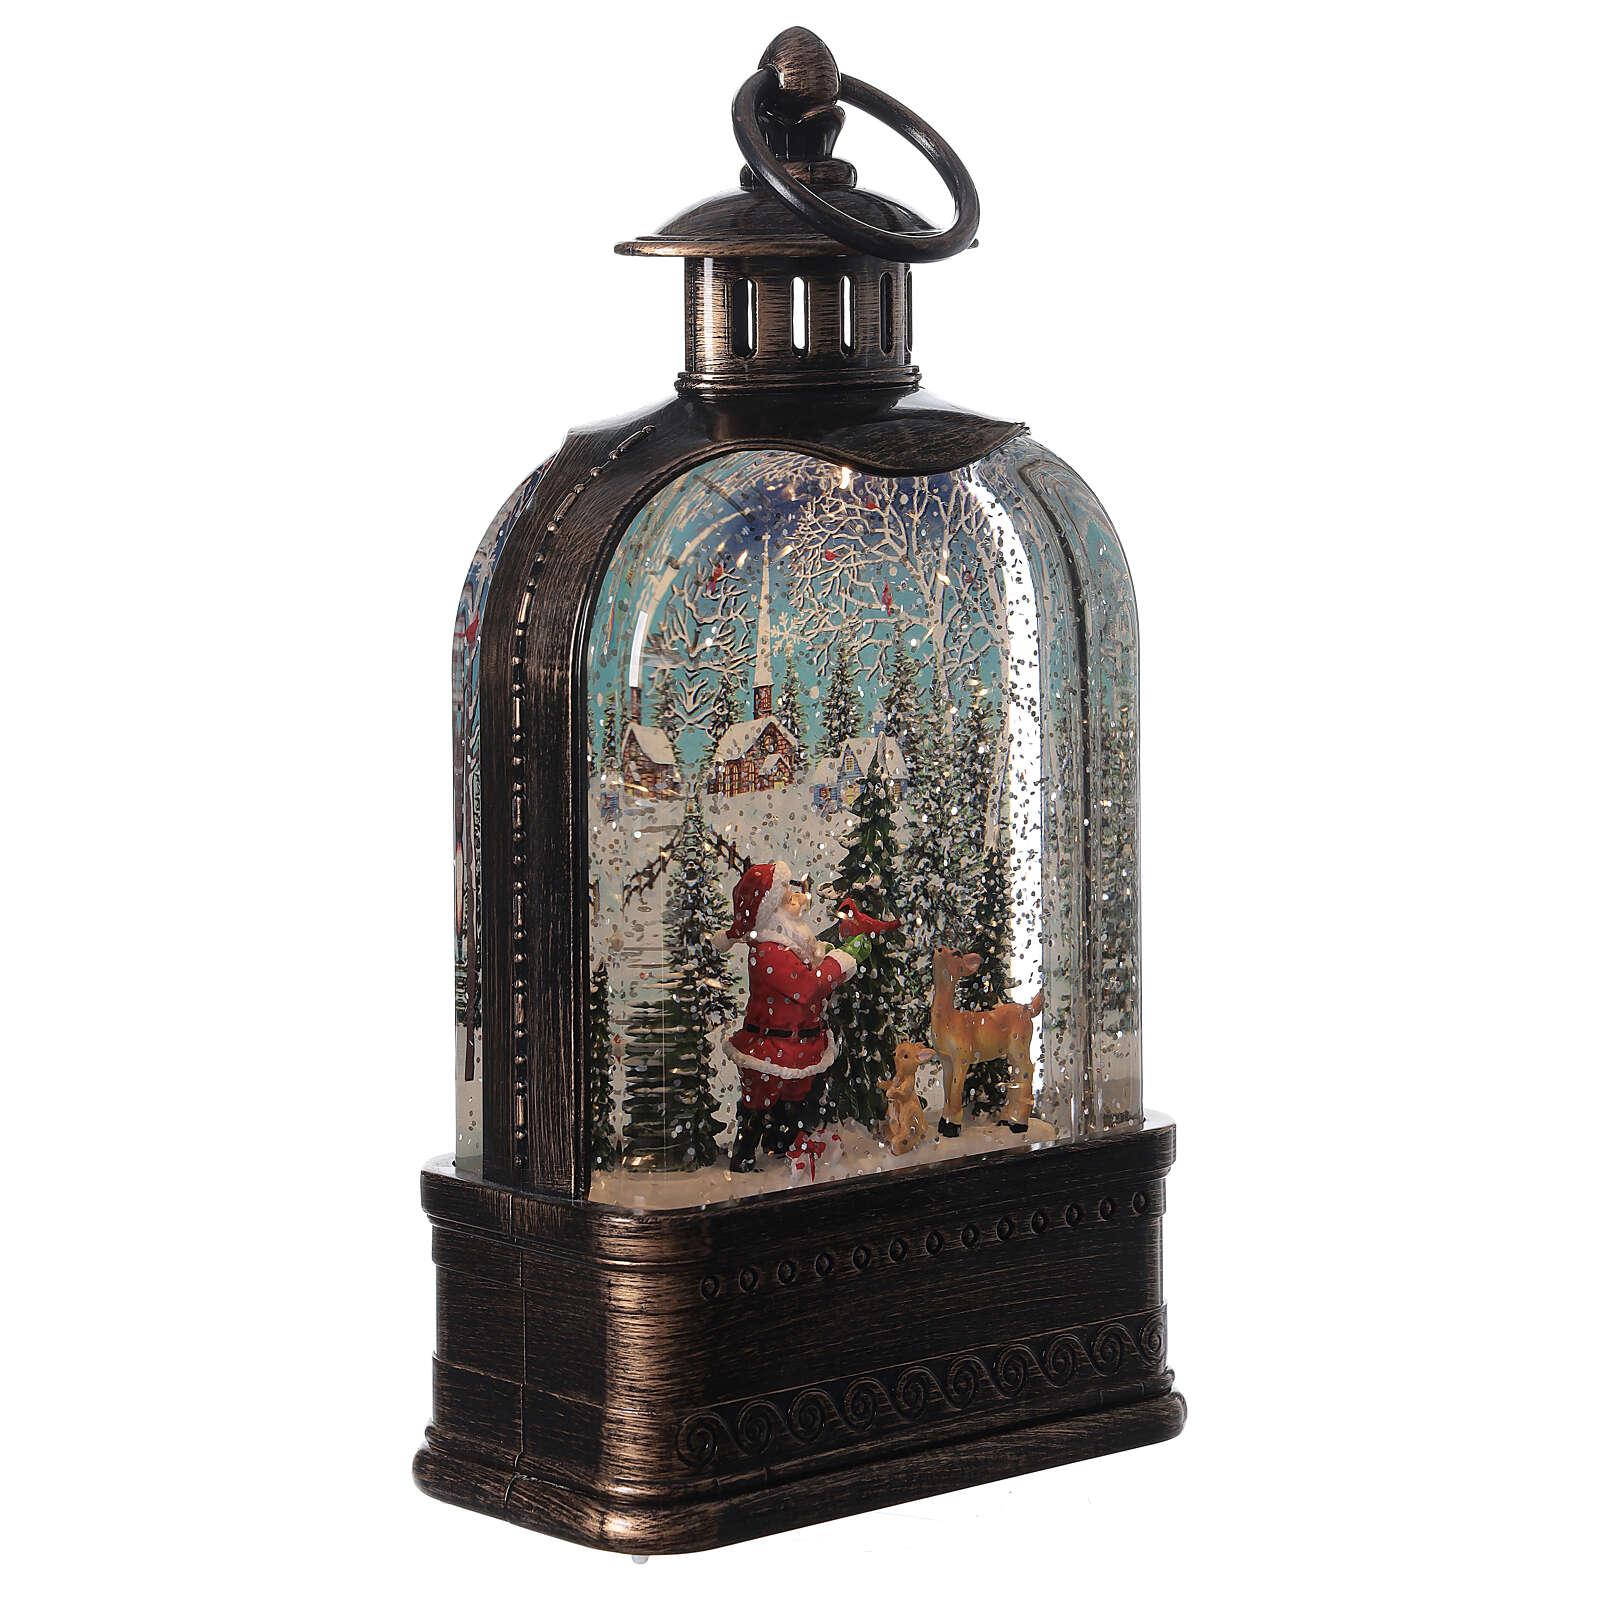 Szklana kula śnieżna latarenka pejzaż Święty Mikołaj 25x15x5 cm 3